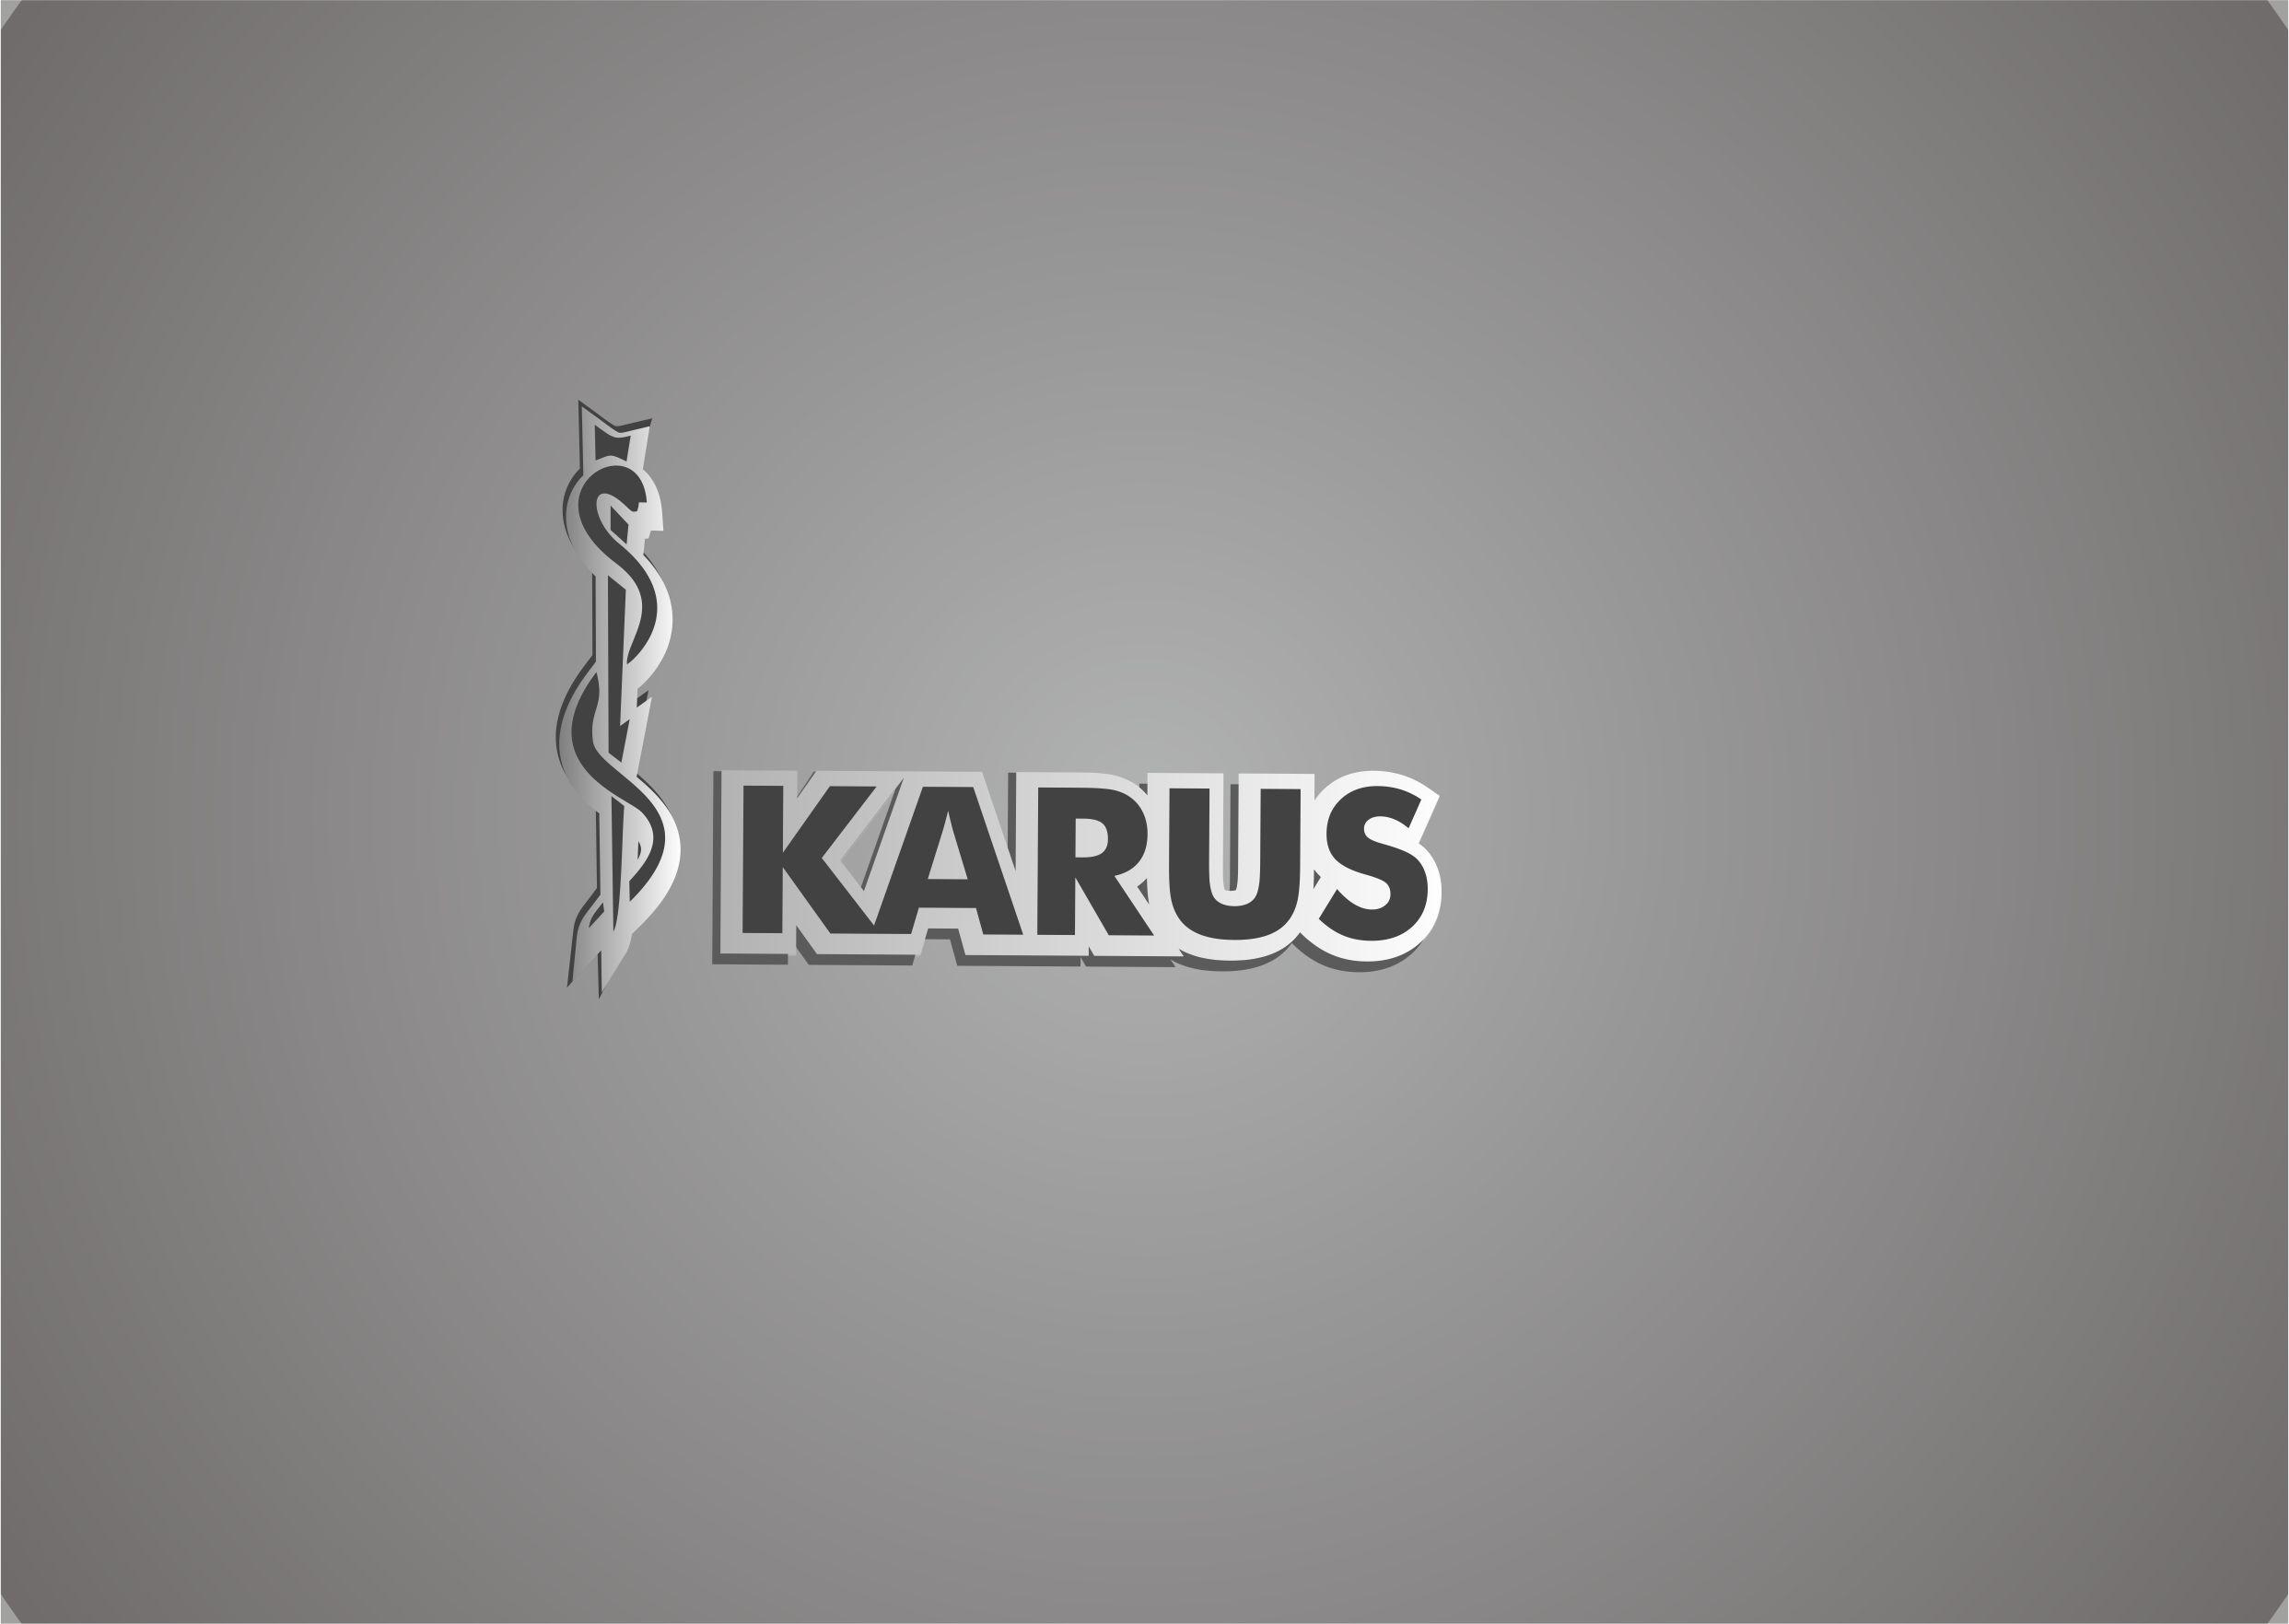 Разработка логотипа, фирменных цветов и фирменного знака фото f_3895353f28364c6e.jpg